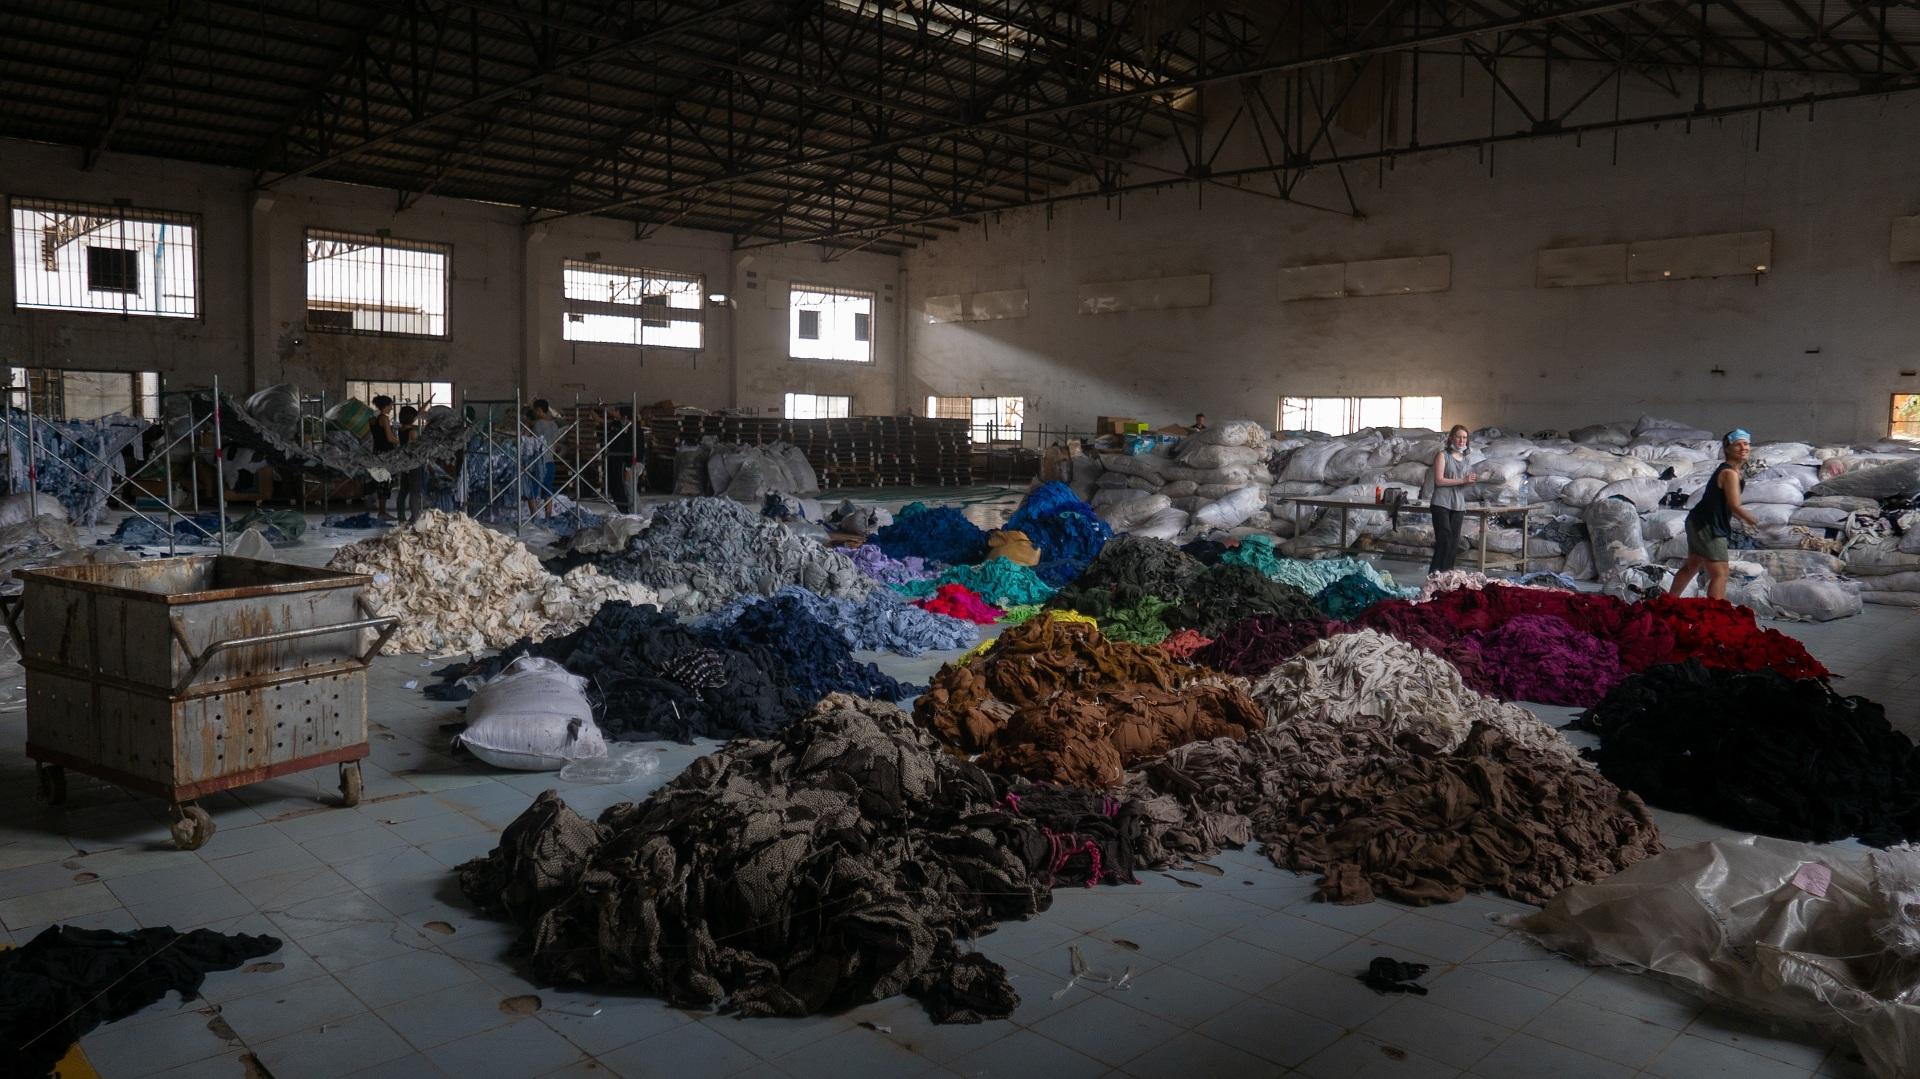 Sustainability Guide: 26 неприятных фактов о быстрой моде, которые вдохновят на переход к осознанному потреблению-Фото 2